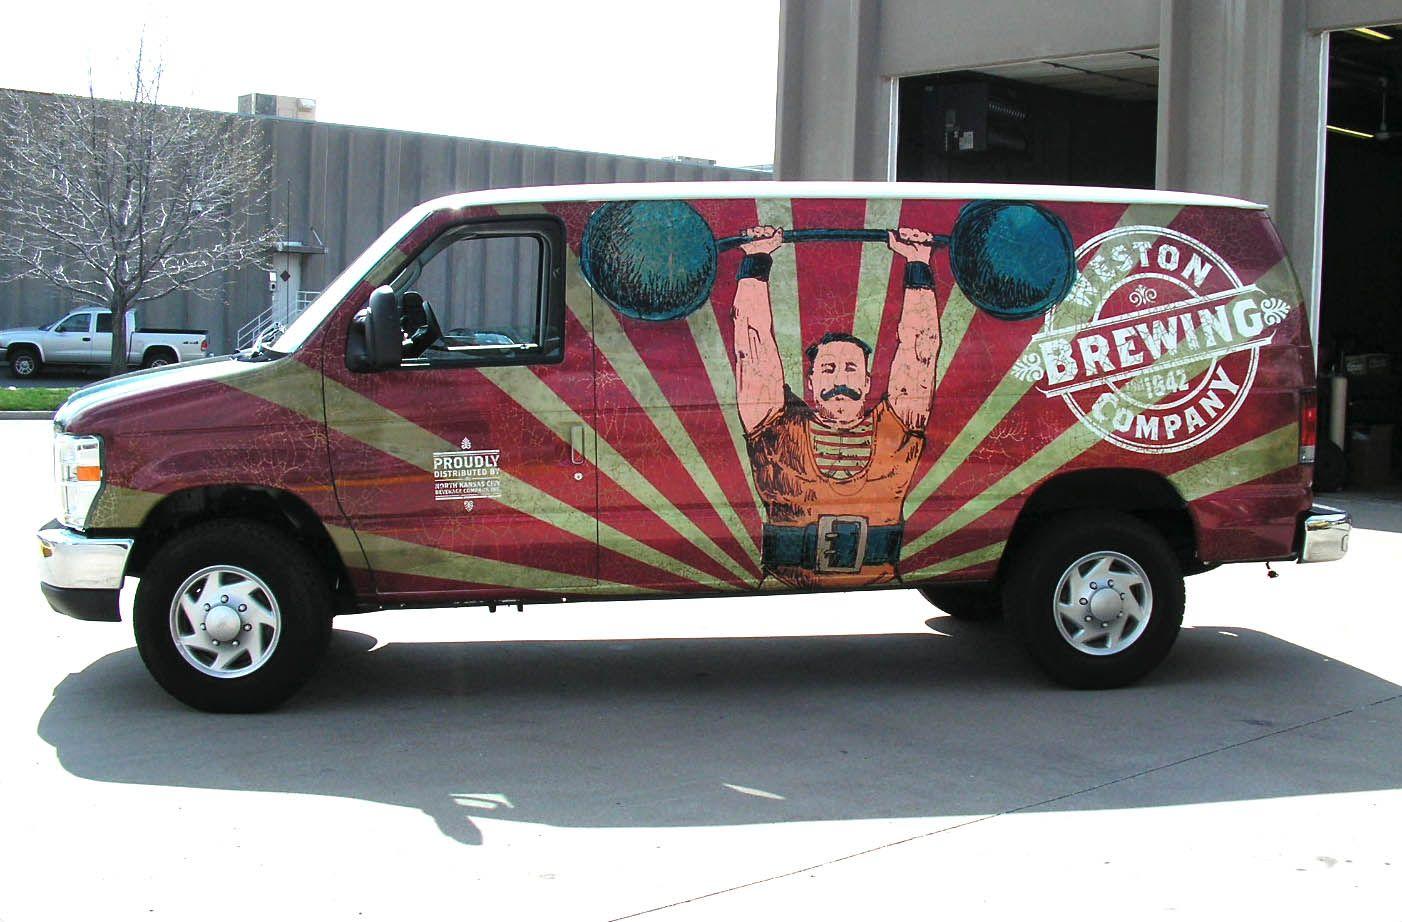 Brewery Van Wrap Van wrap, Car wrap, Vans